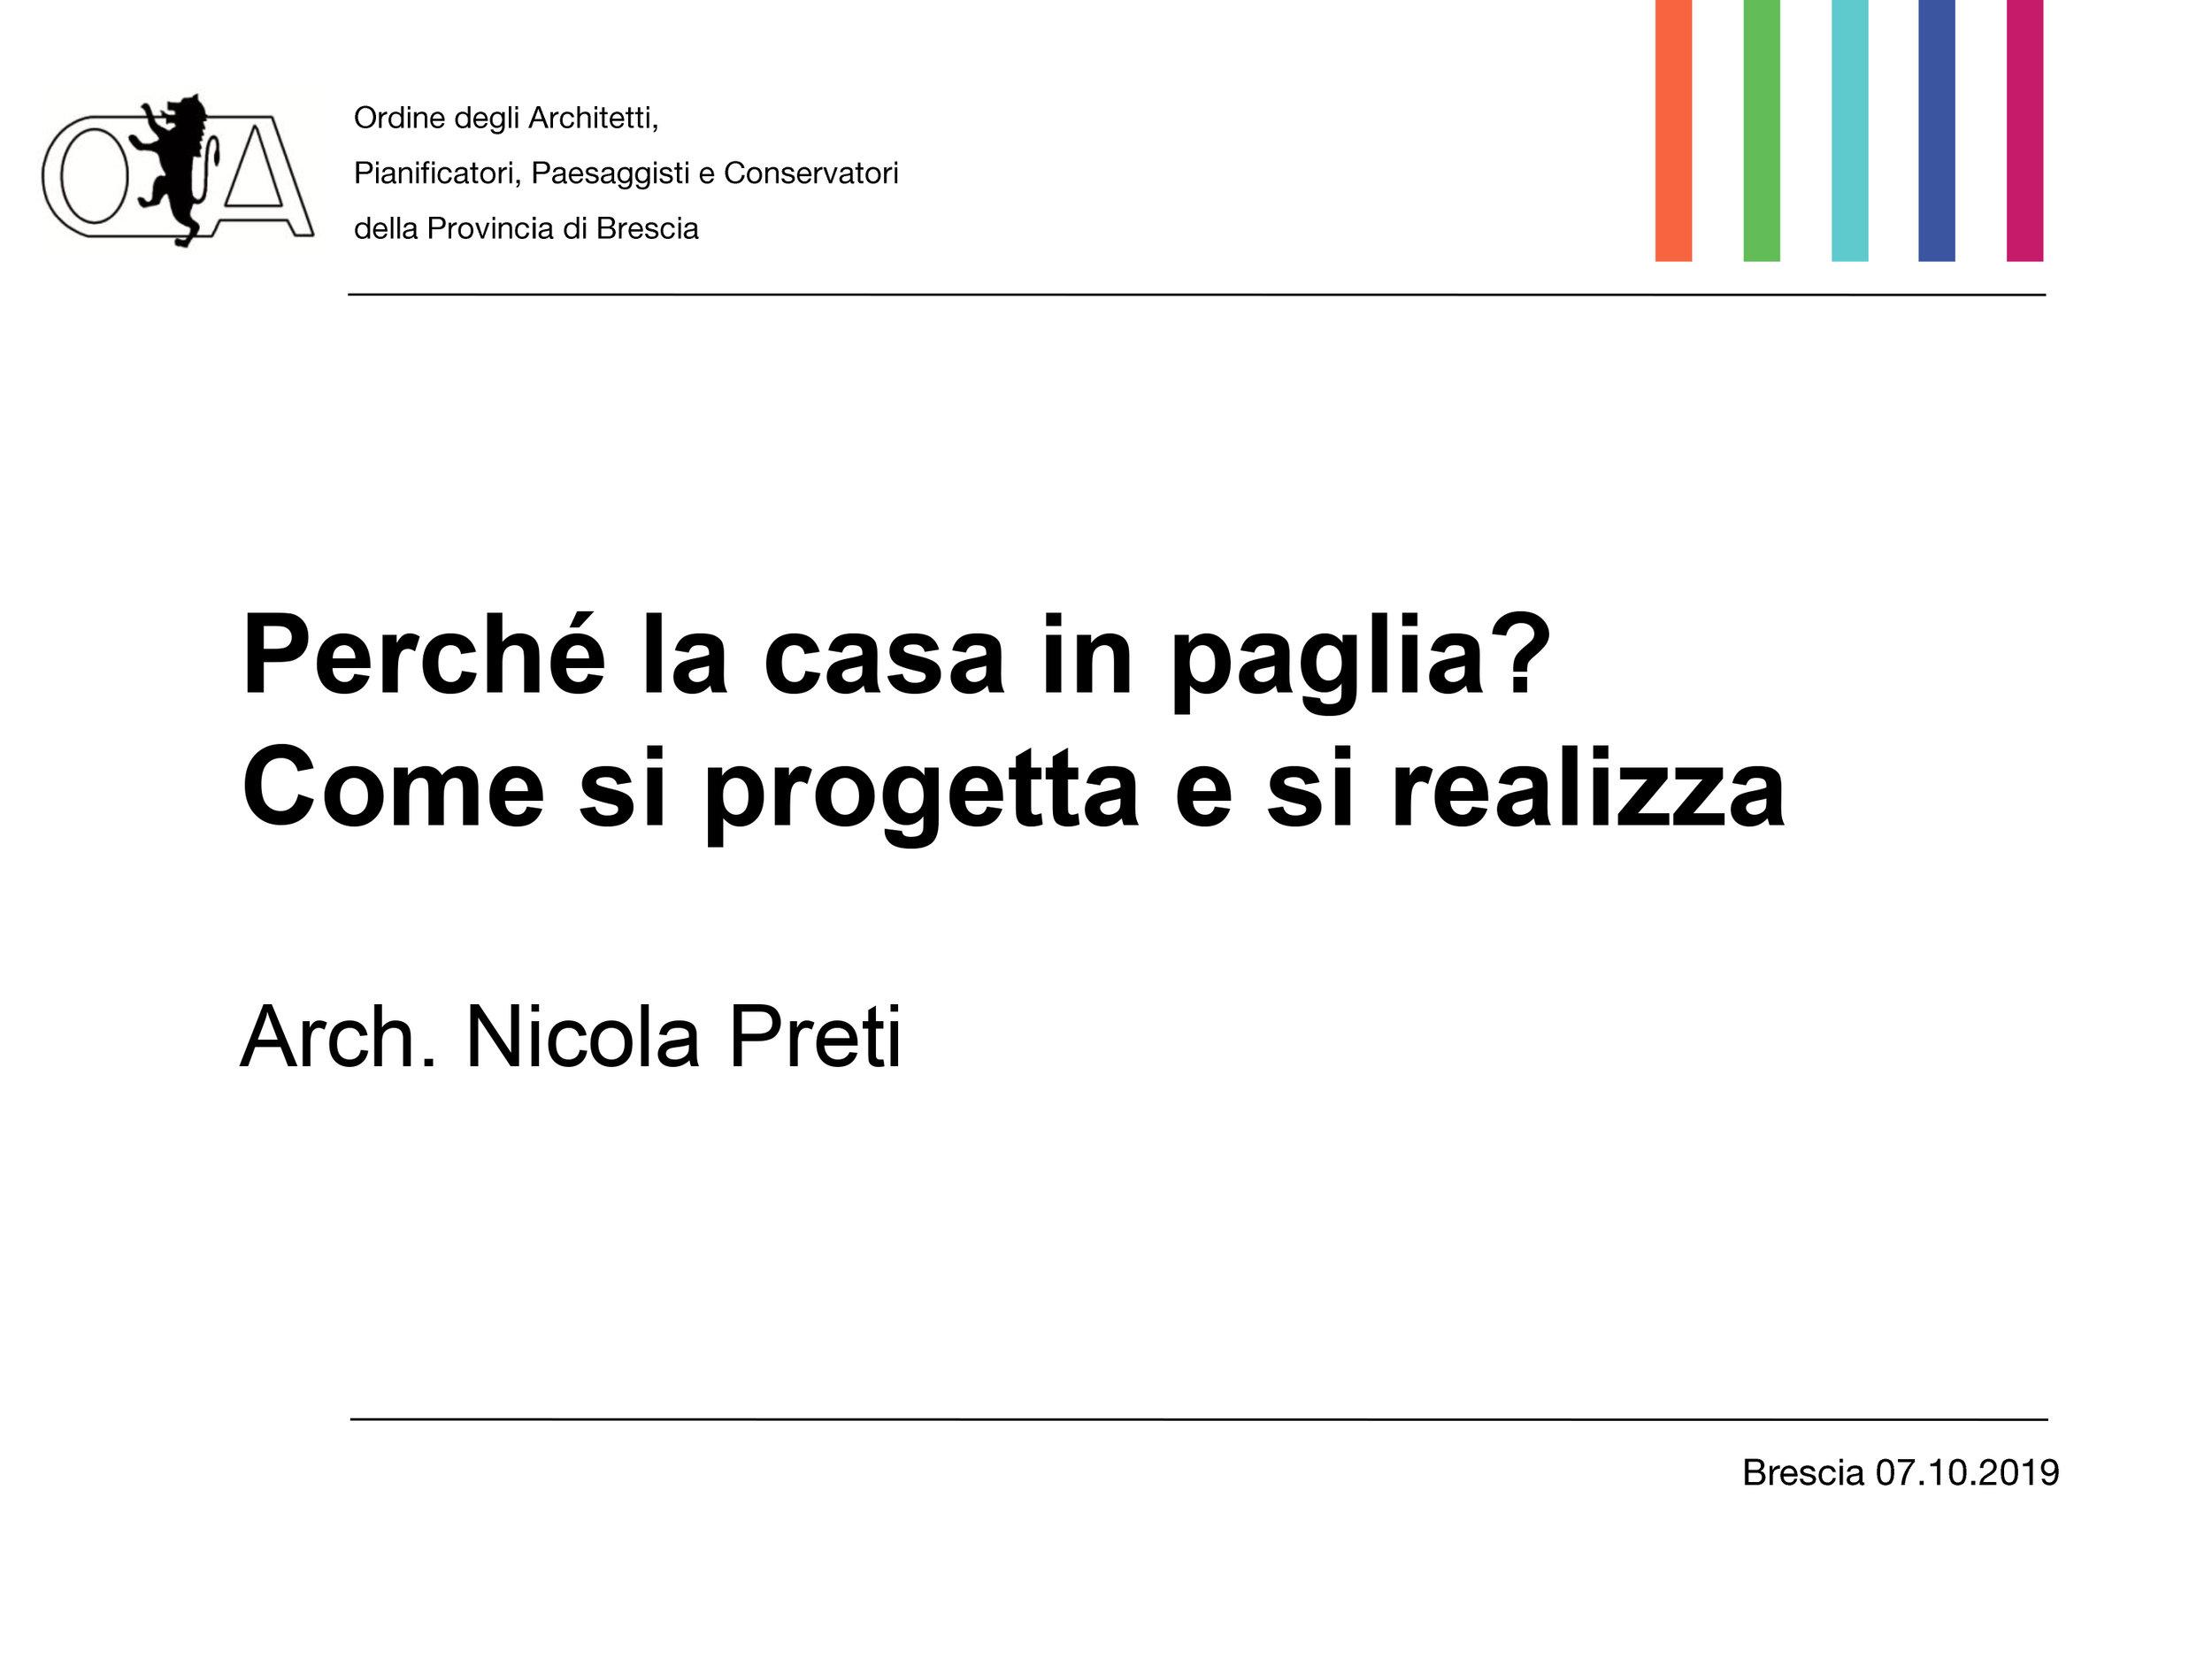 L'intervento dell'Arch. Nicola Preti: Perché la casa in paglia? Come si progetta e si realizza